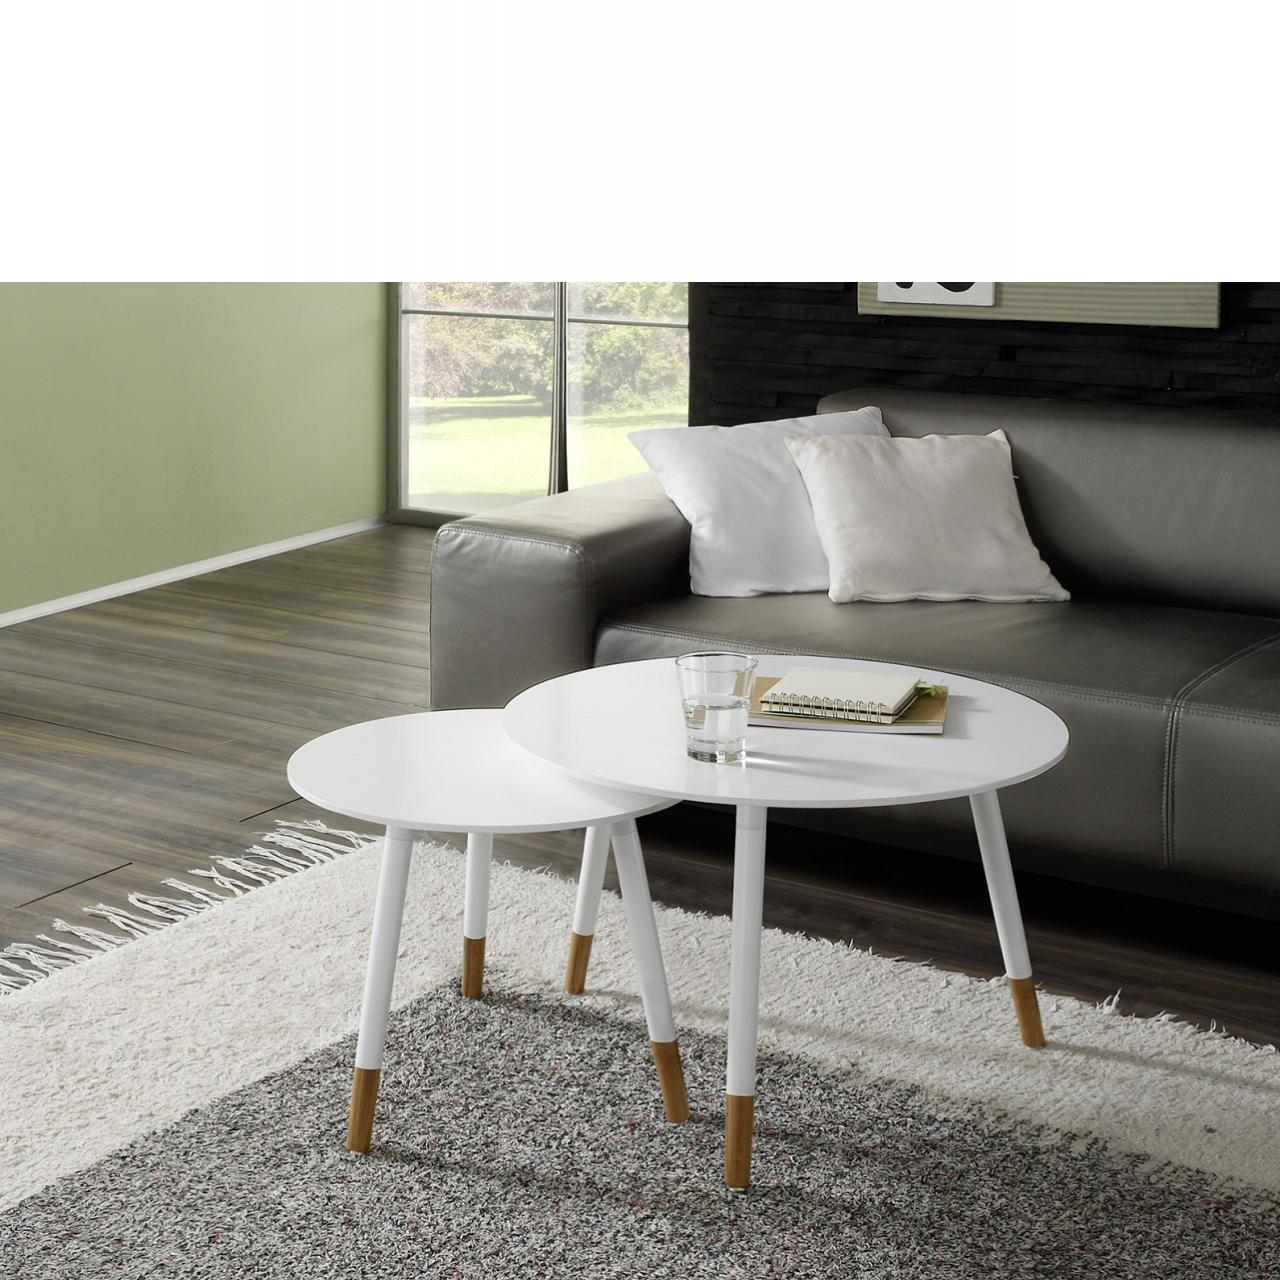 2er Set - Beistelltisch in weiß - Retro-Style